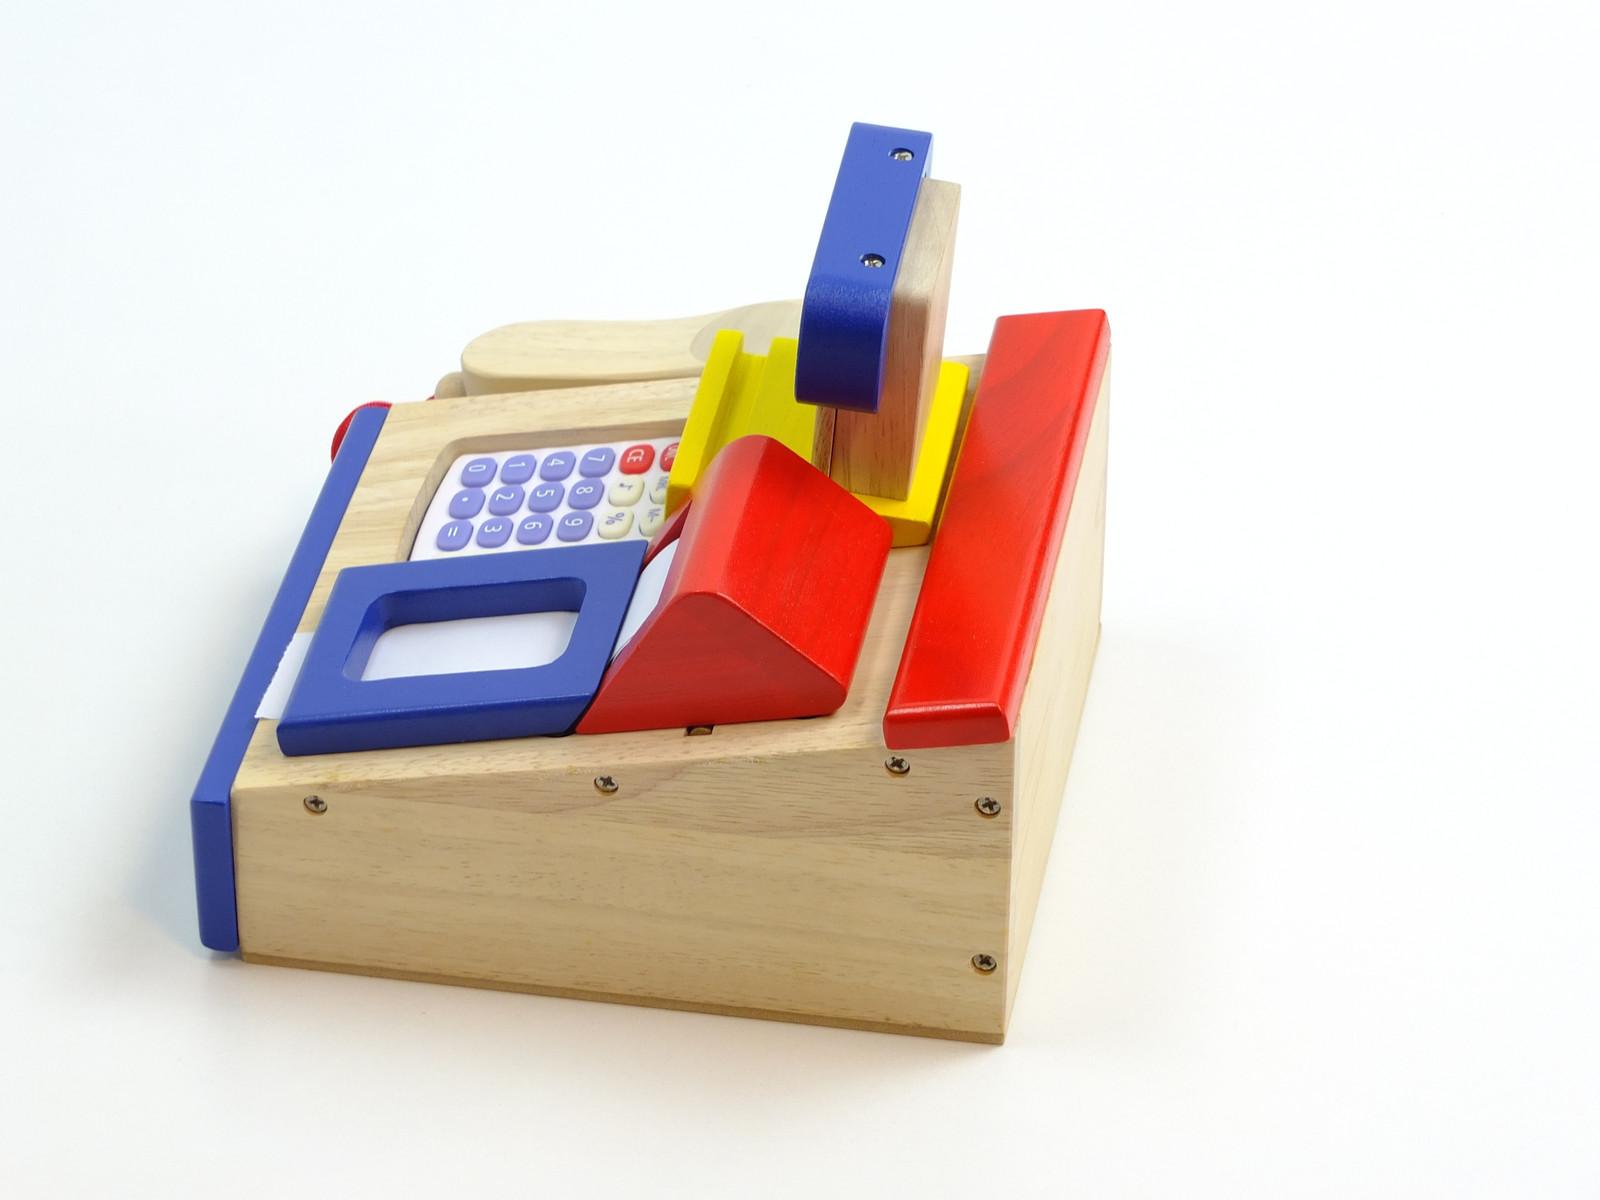 spielkasse aus holz mit integriertem taschenrechner mit sound bonrolle scanner geldst cke. Black Bedroom Furniture Sets. Home Design Ideas